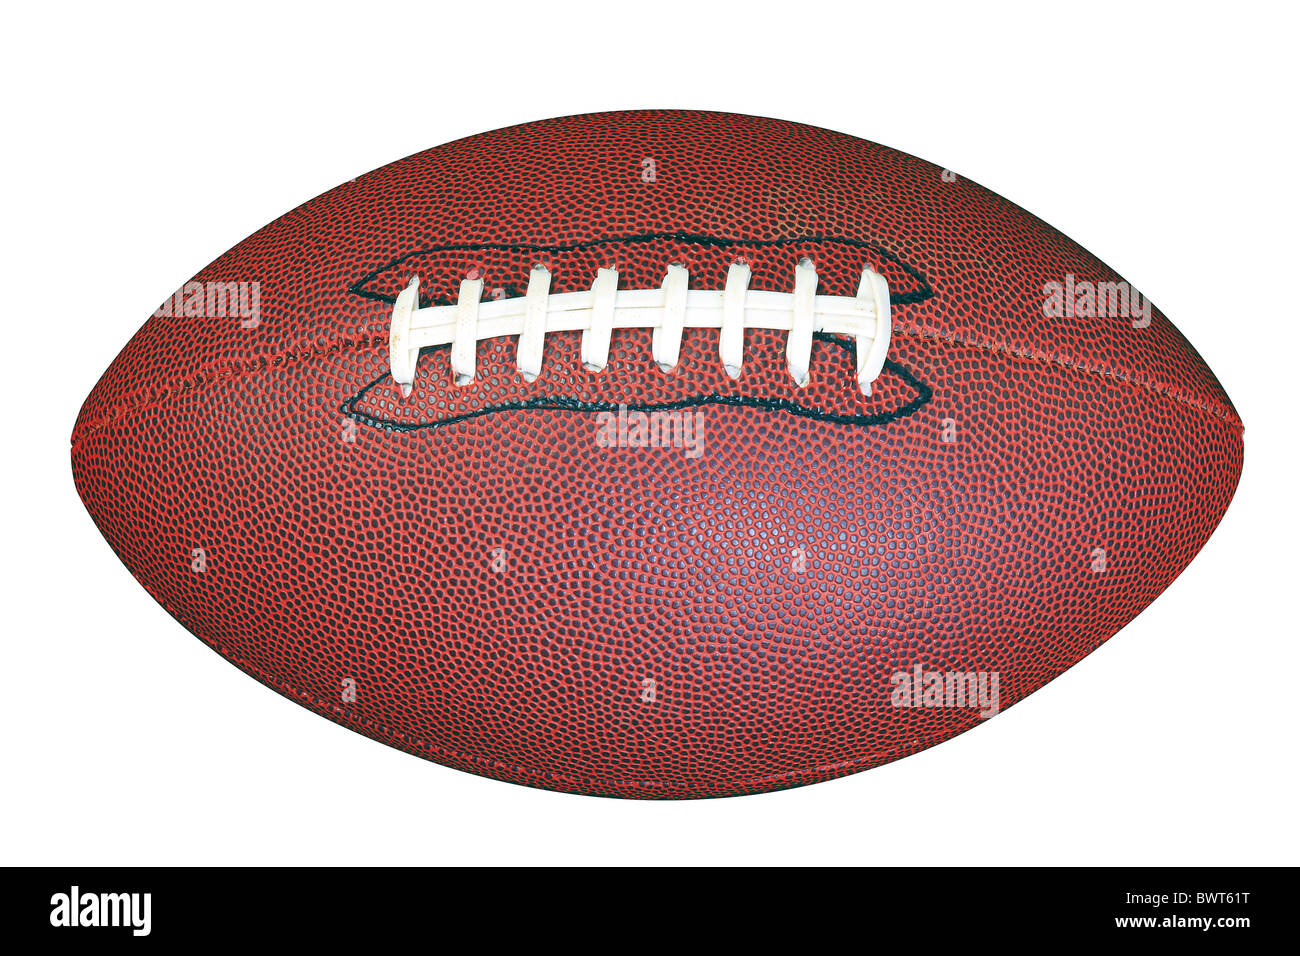 Un partido de fútbol americano aislado sobre fondo blanco con trazado de recorte realizado con la herramienta Imagen De Stock